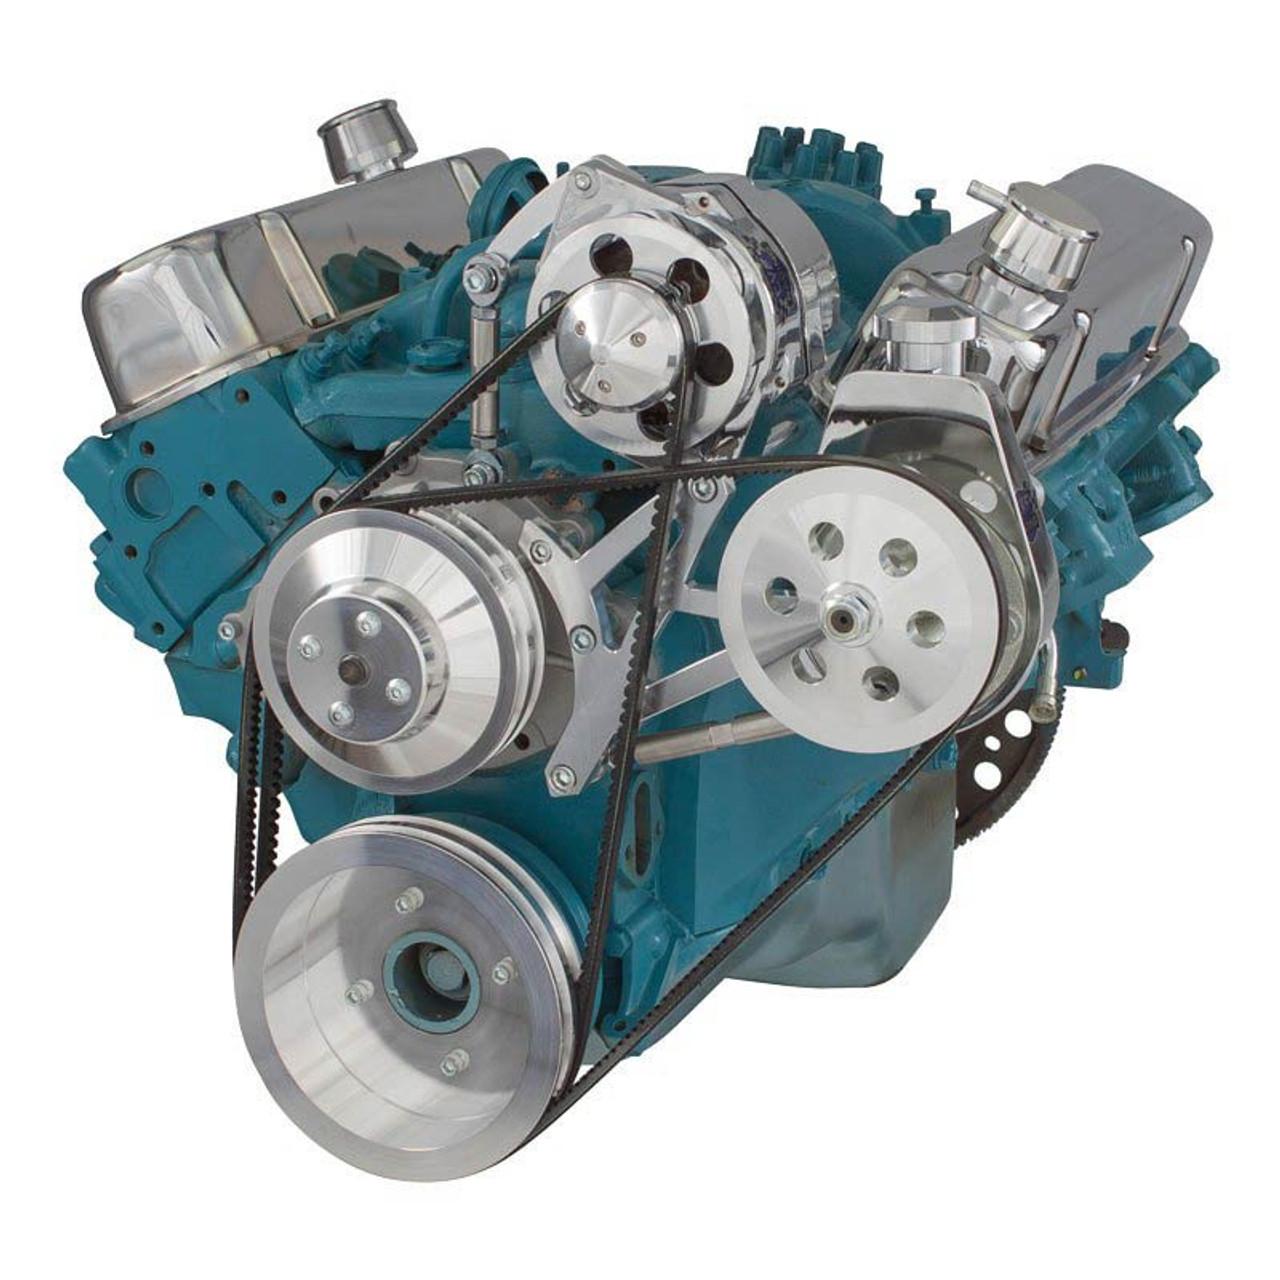 pontiac v belt pulley system 350 400 428 455 rh cvfracing com TCC Diagram 1999 Pontiac Sunfire Pontiac V6